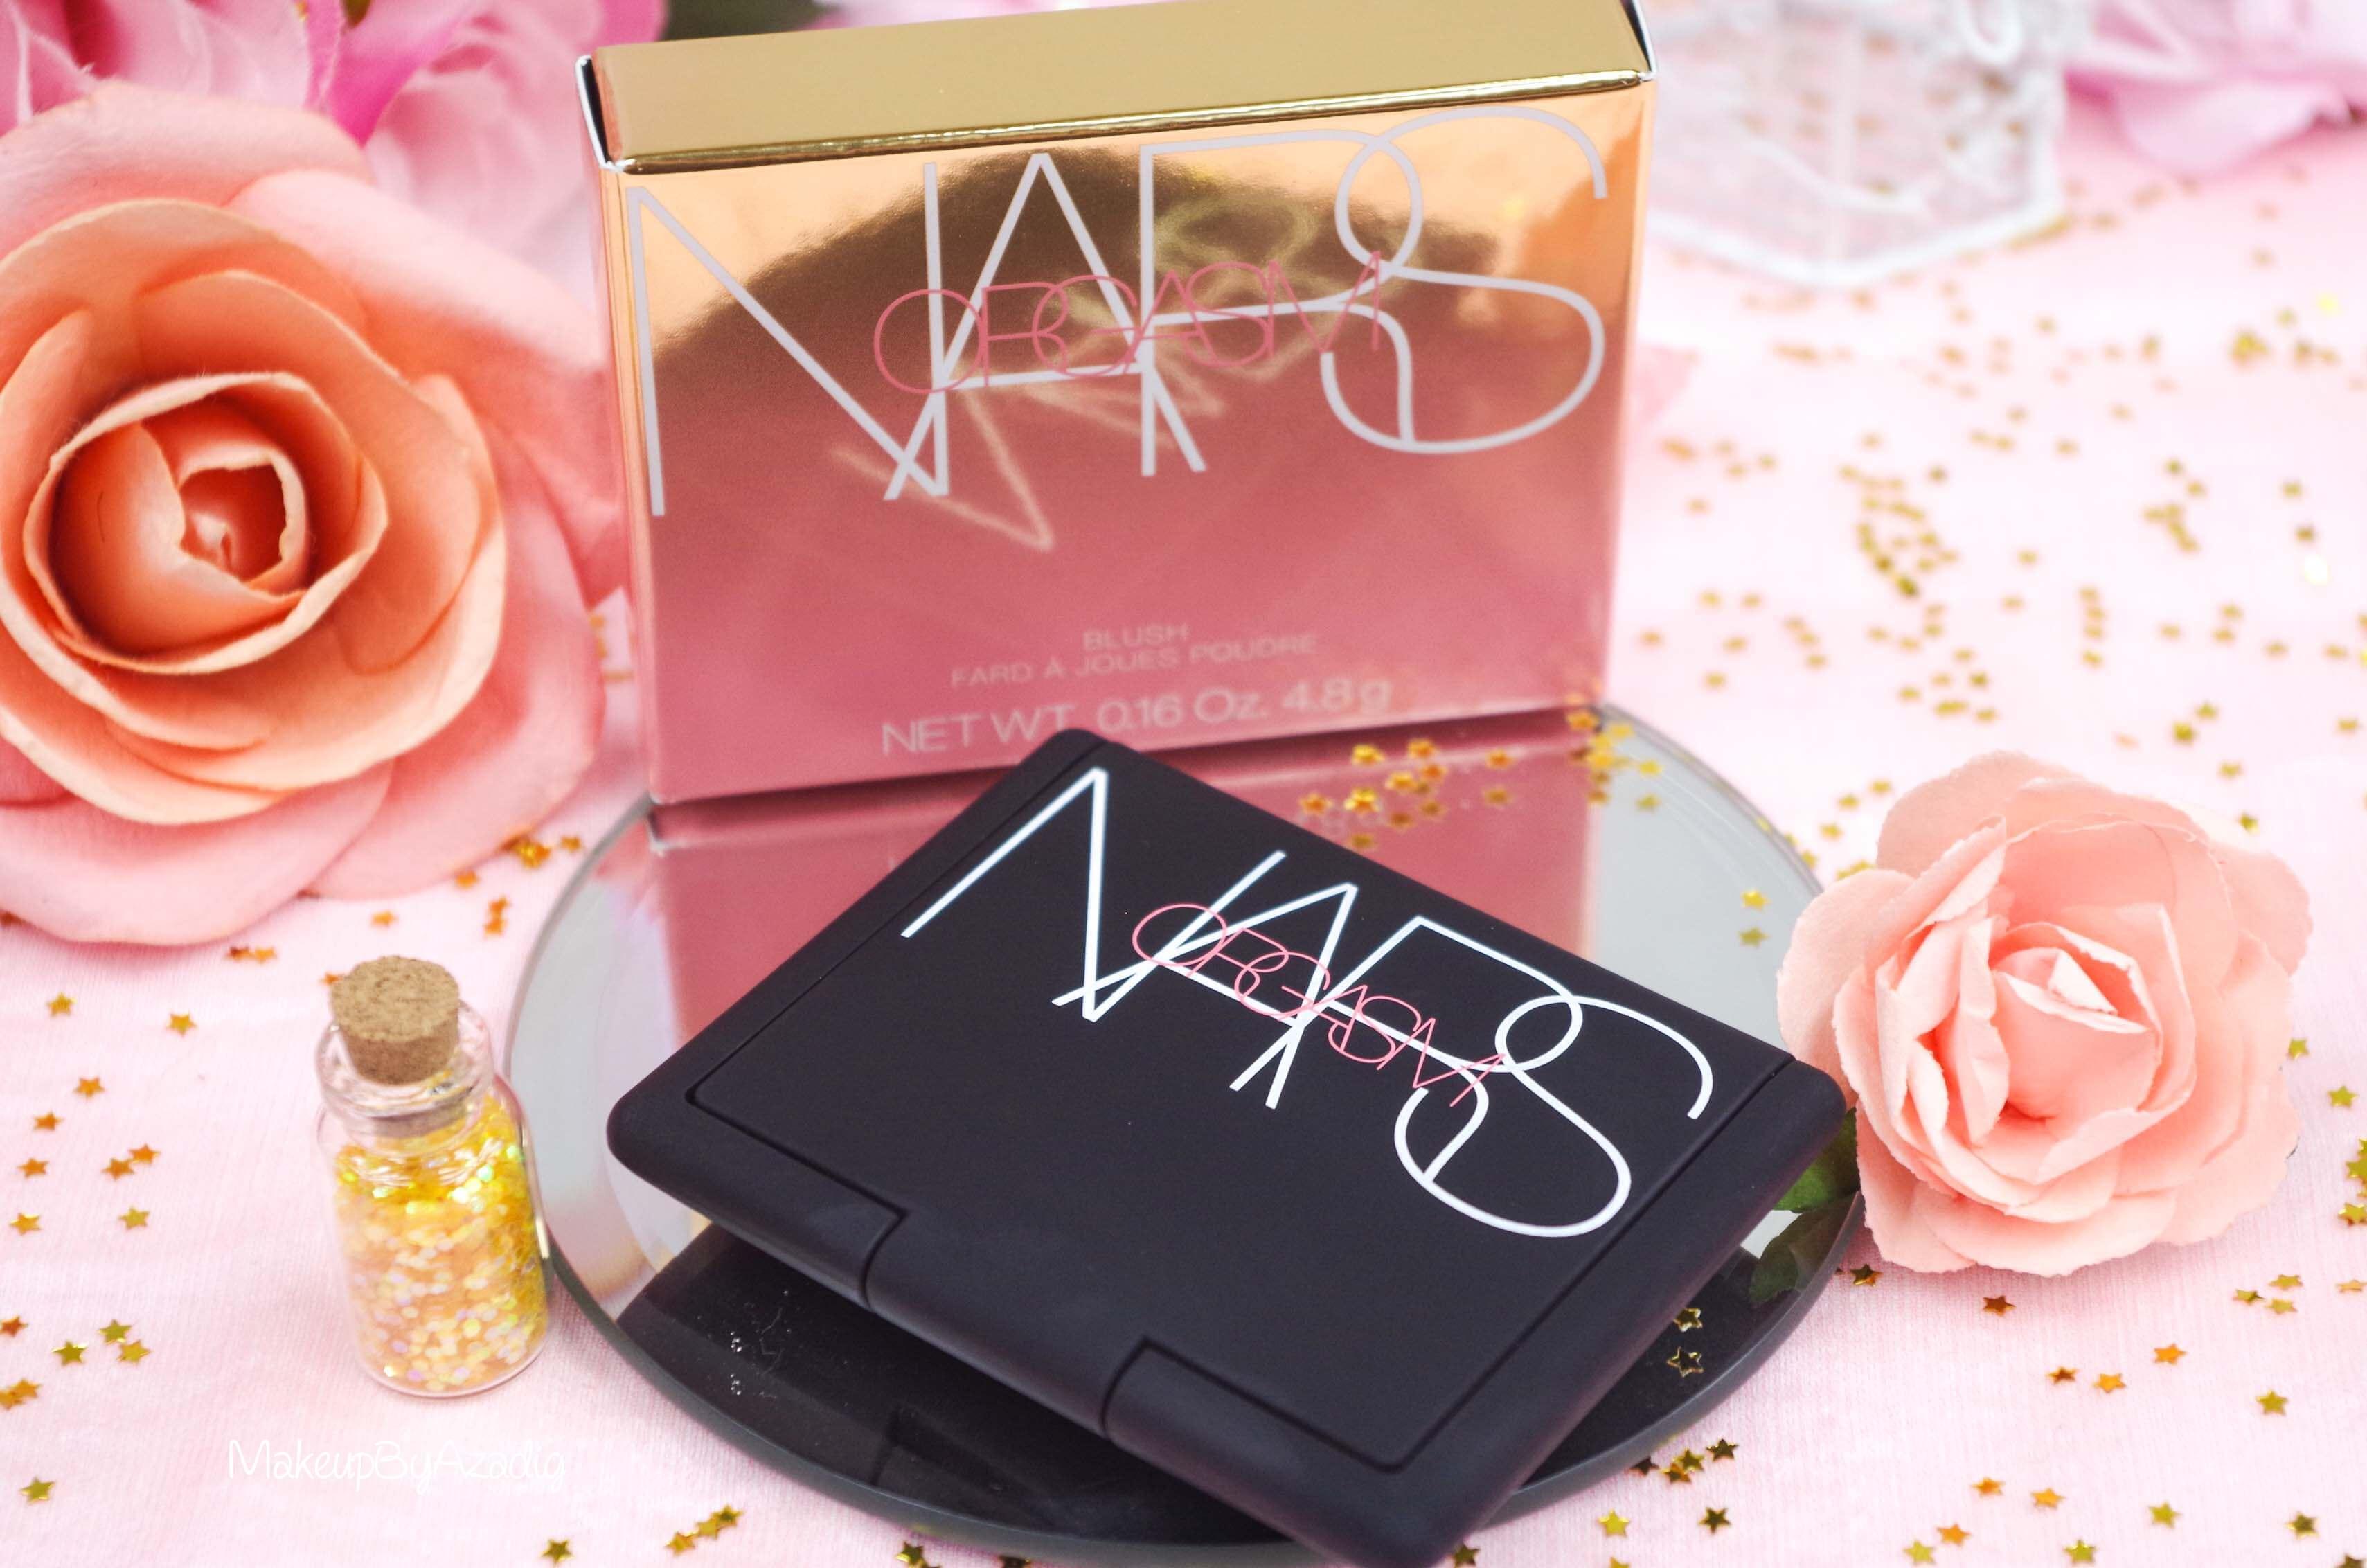 blush-liquide-orgasm-rouge-a-levres-illuminateur-highlighter-rosegold-nars-packaging-makeupbyazadig